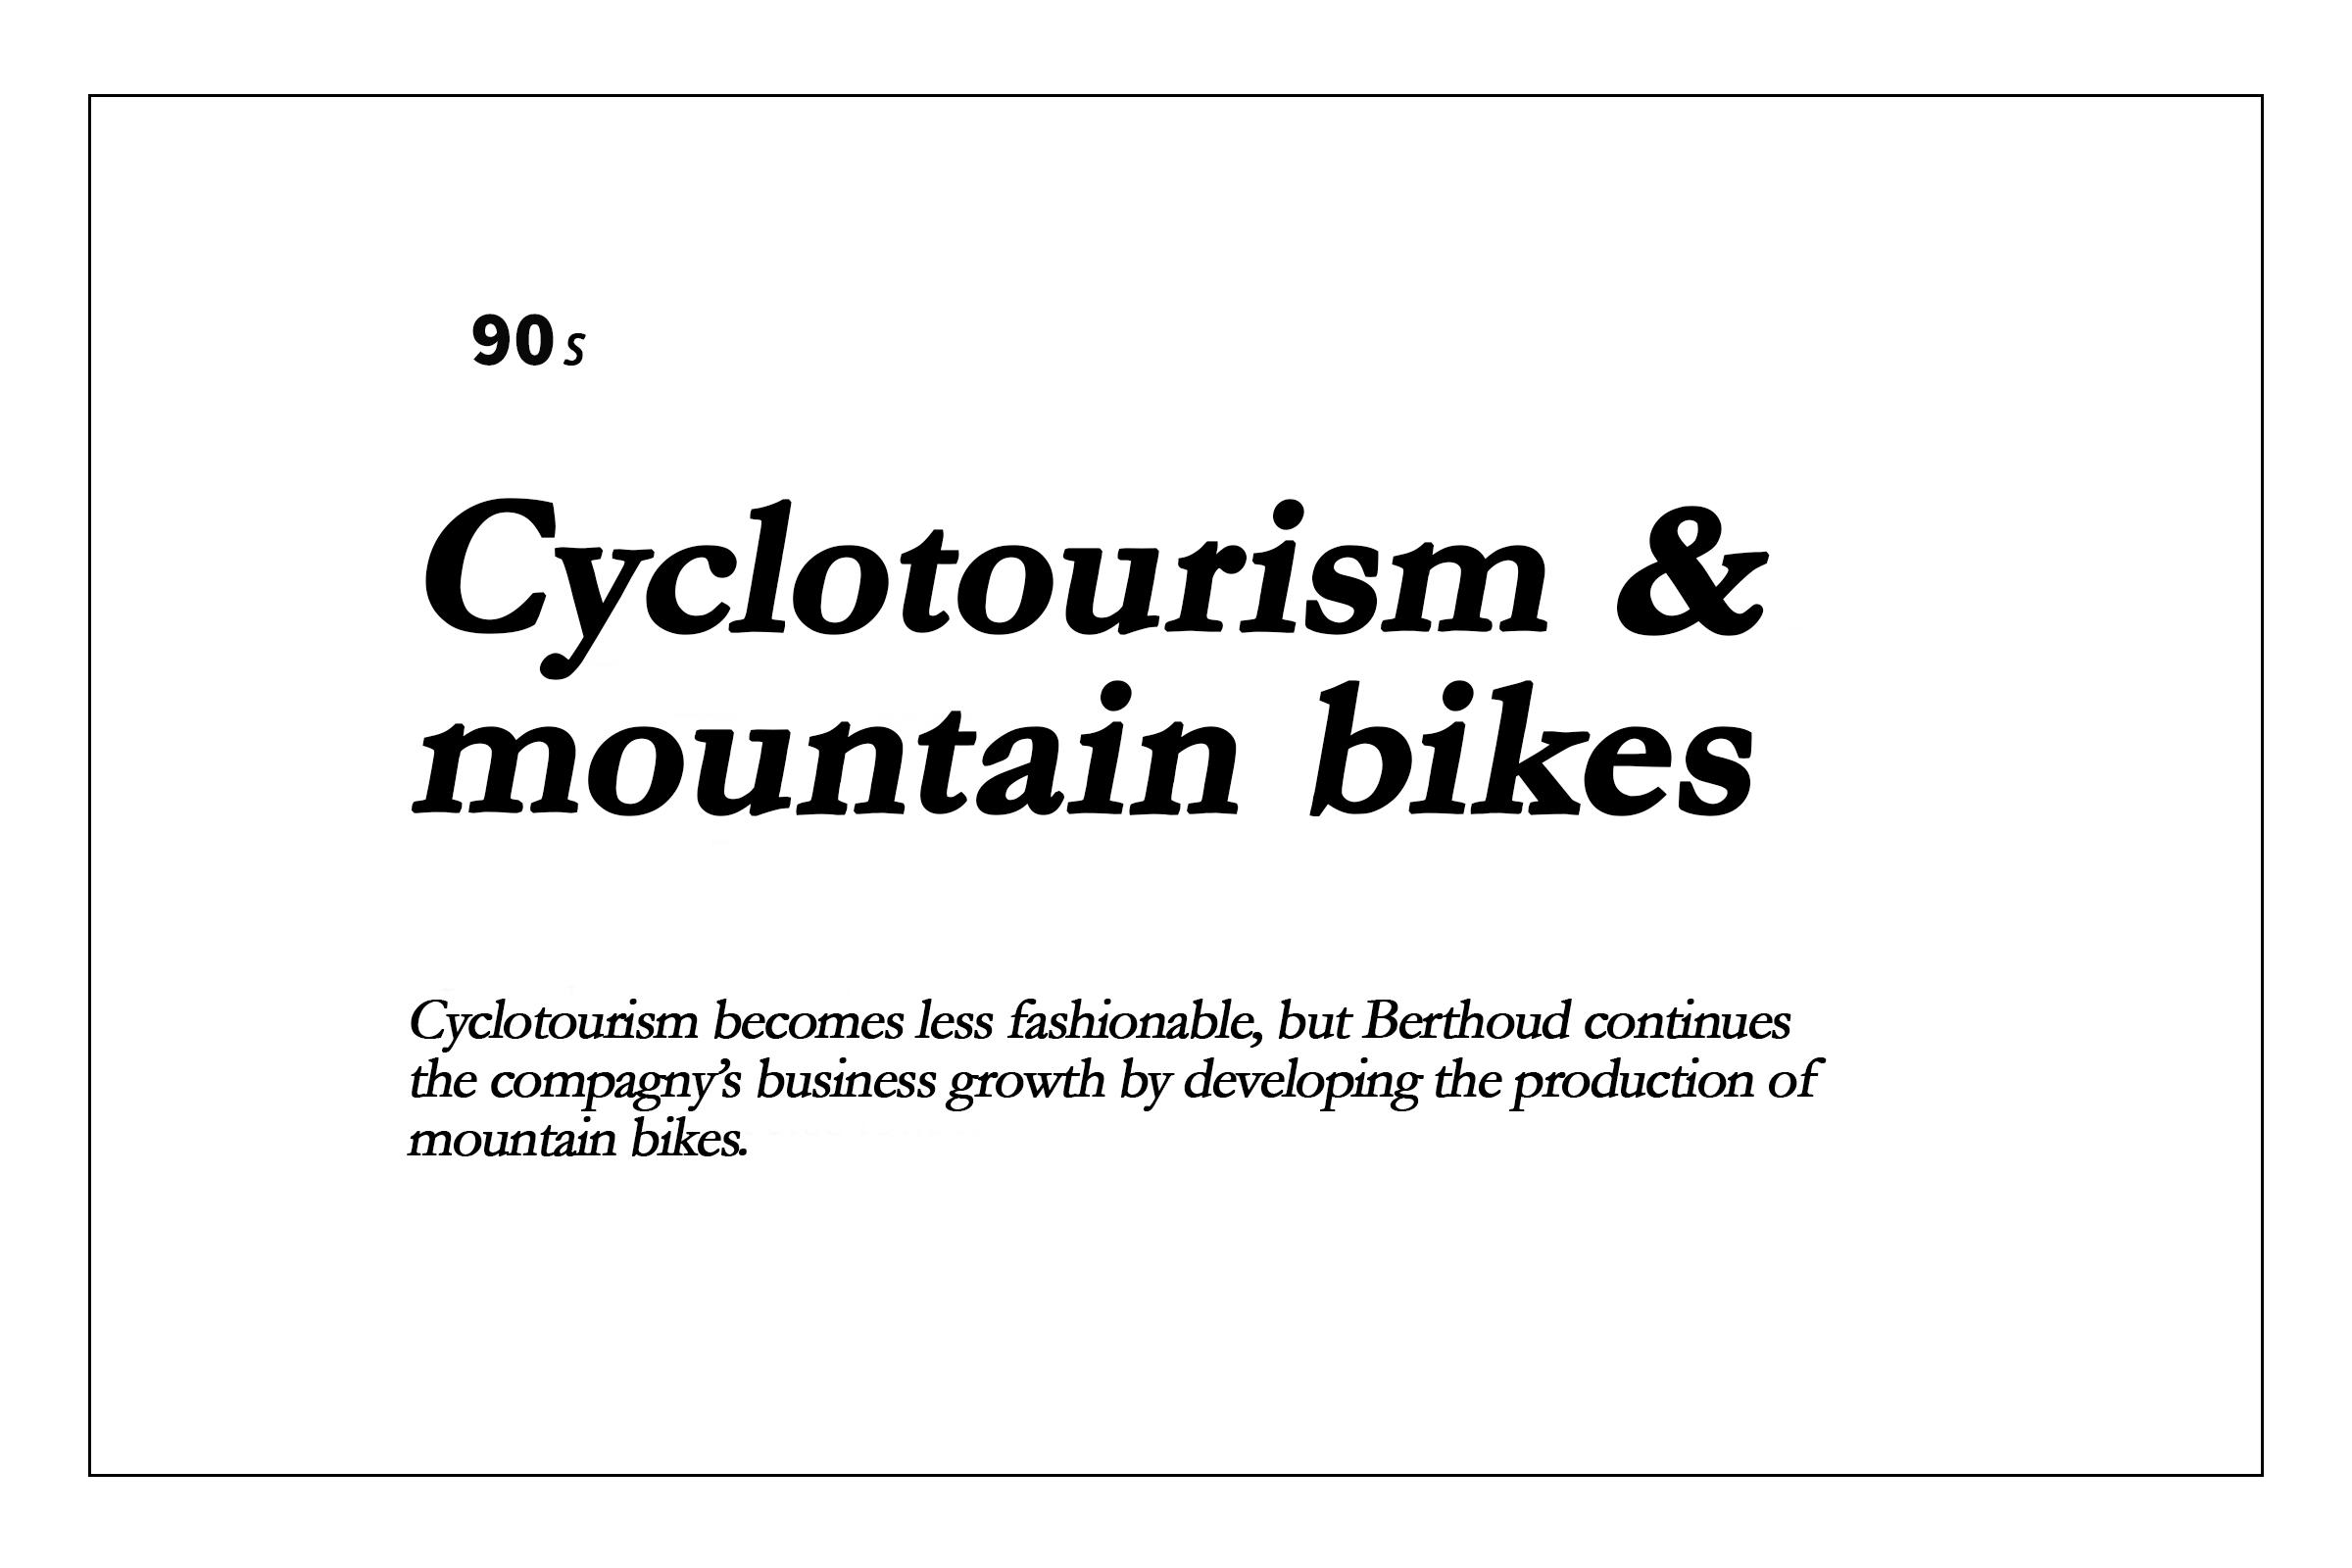 Les années 90 - Cyclotourisme et VTT